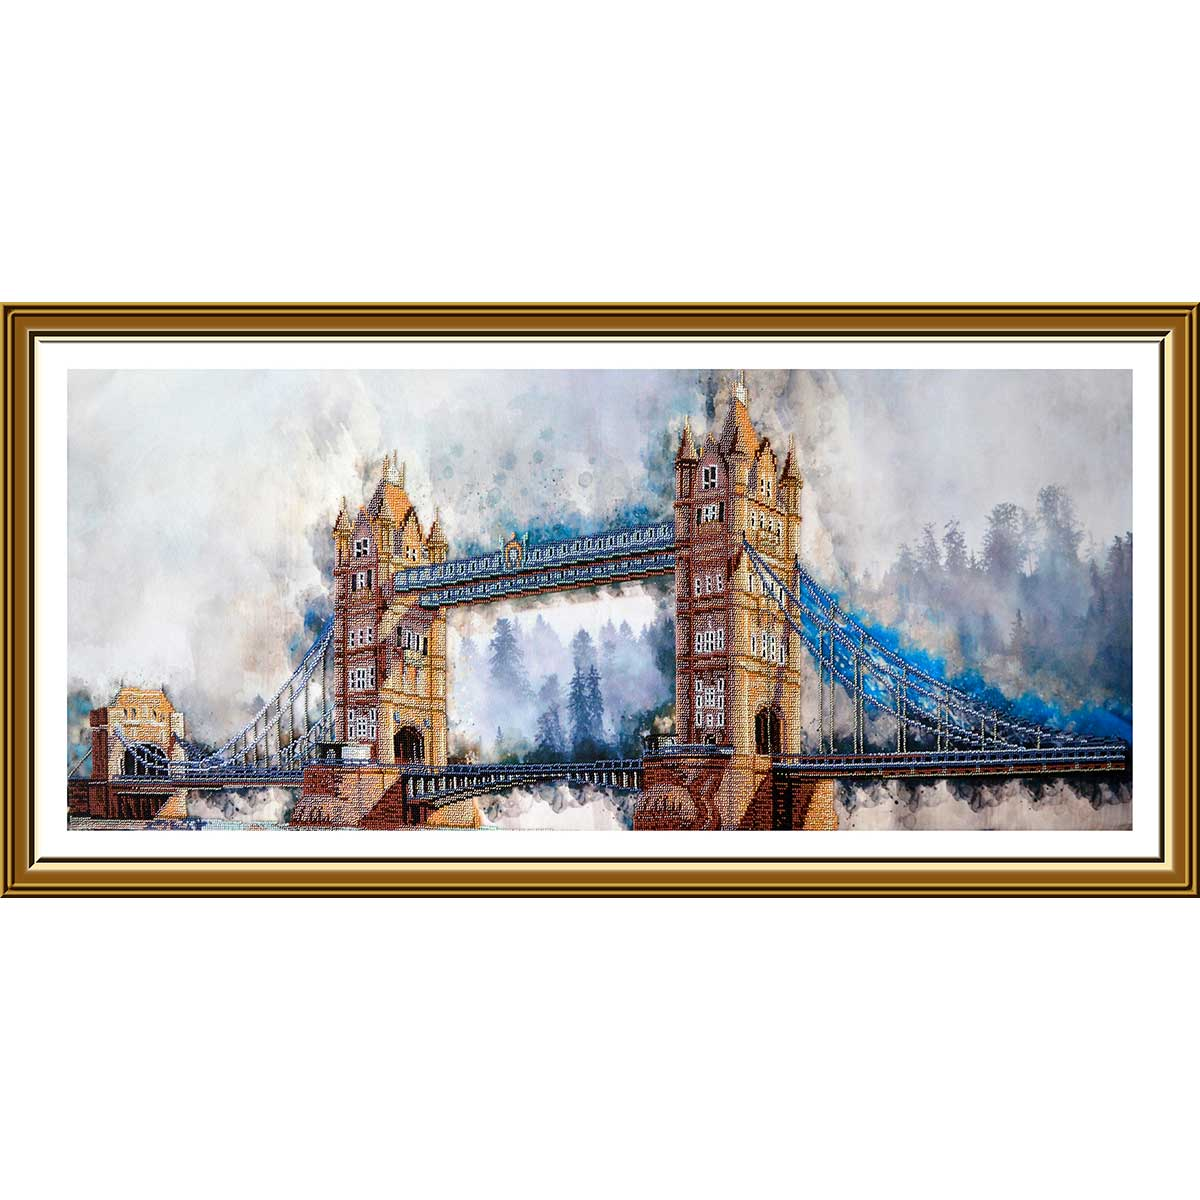 НД1501 Набор для вышивания бисером 'Легендарный лондонский мост'100 x 38см фото